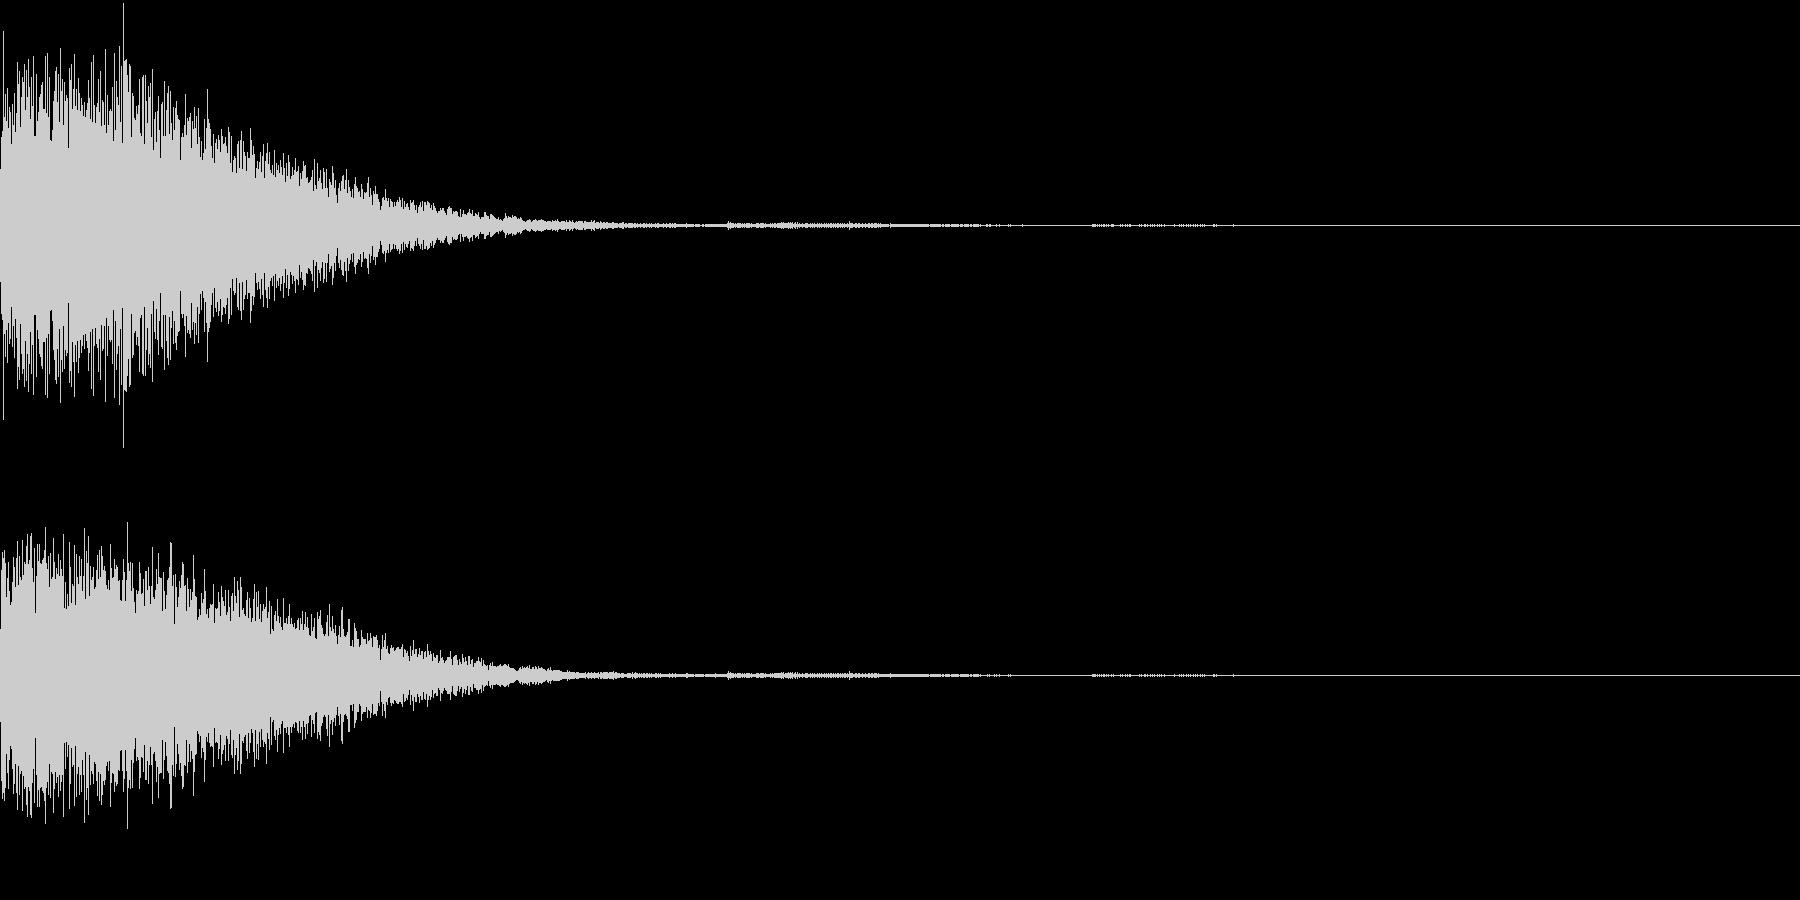 クリック音、キラン、キュイン、ピコン04の未再生の波形